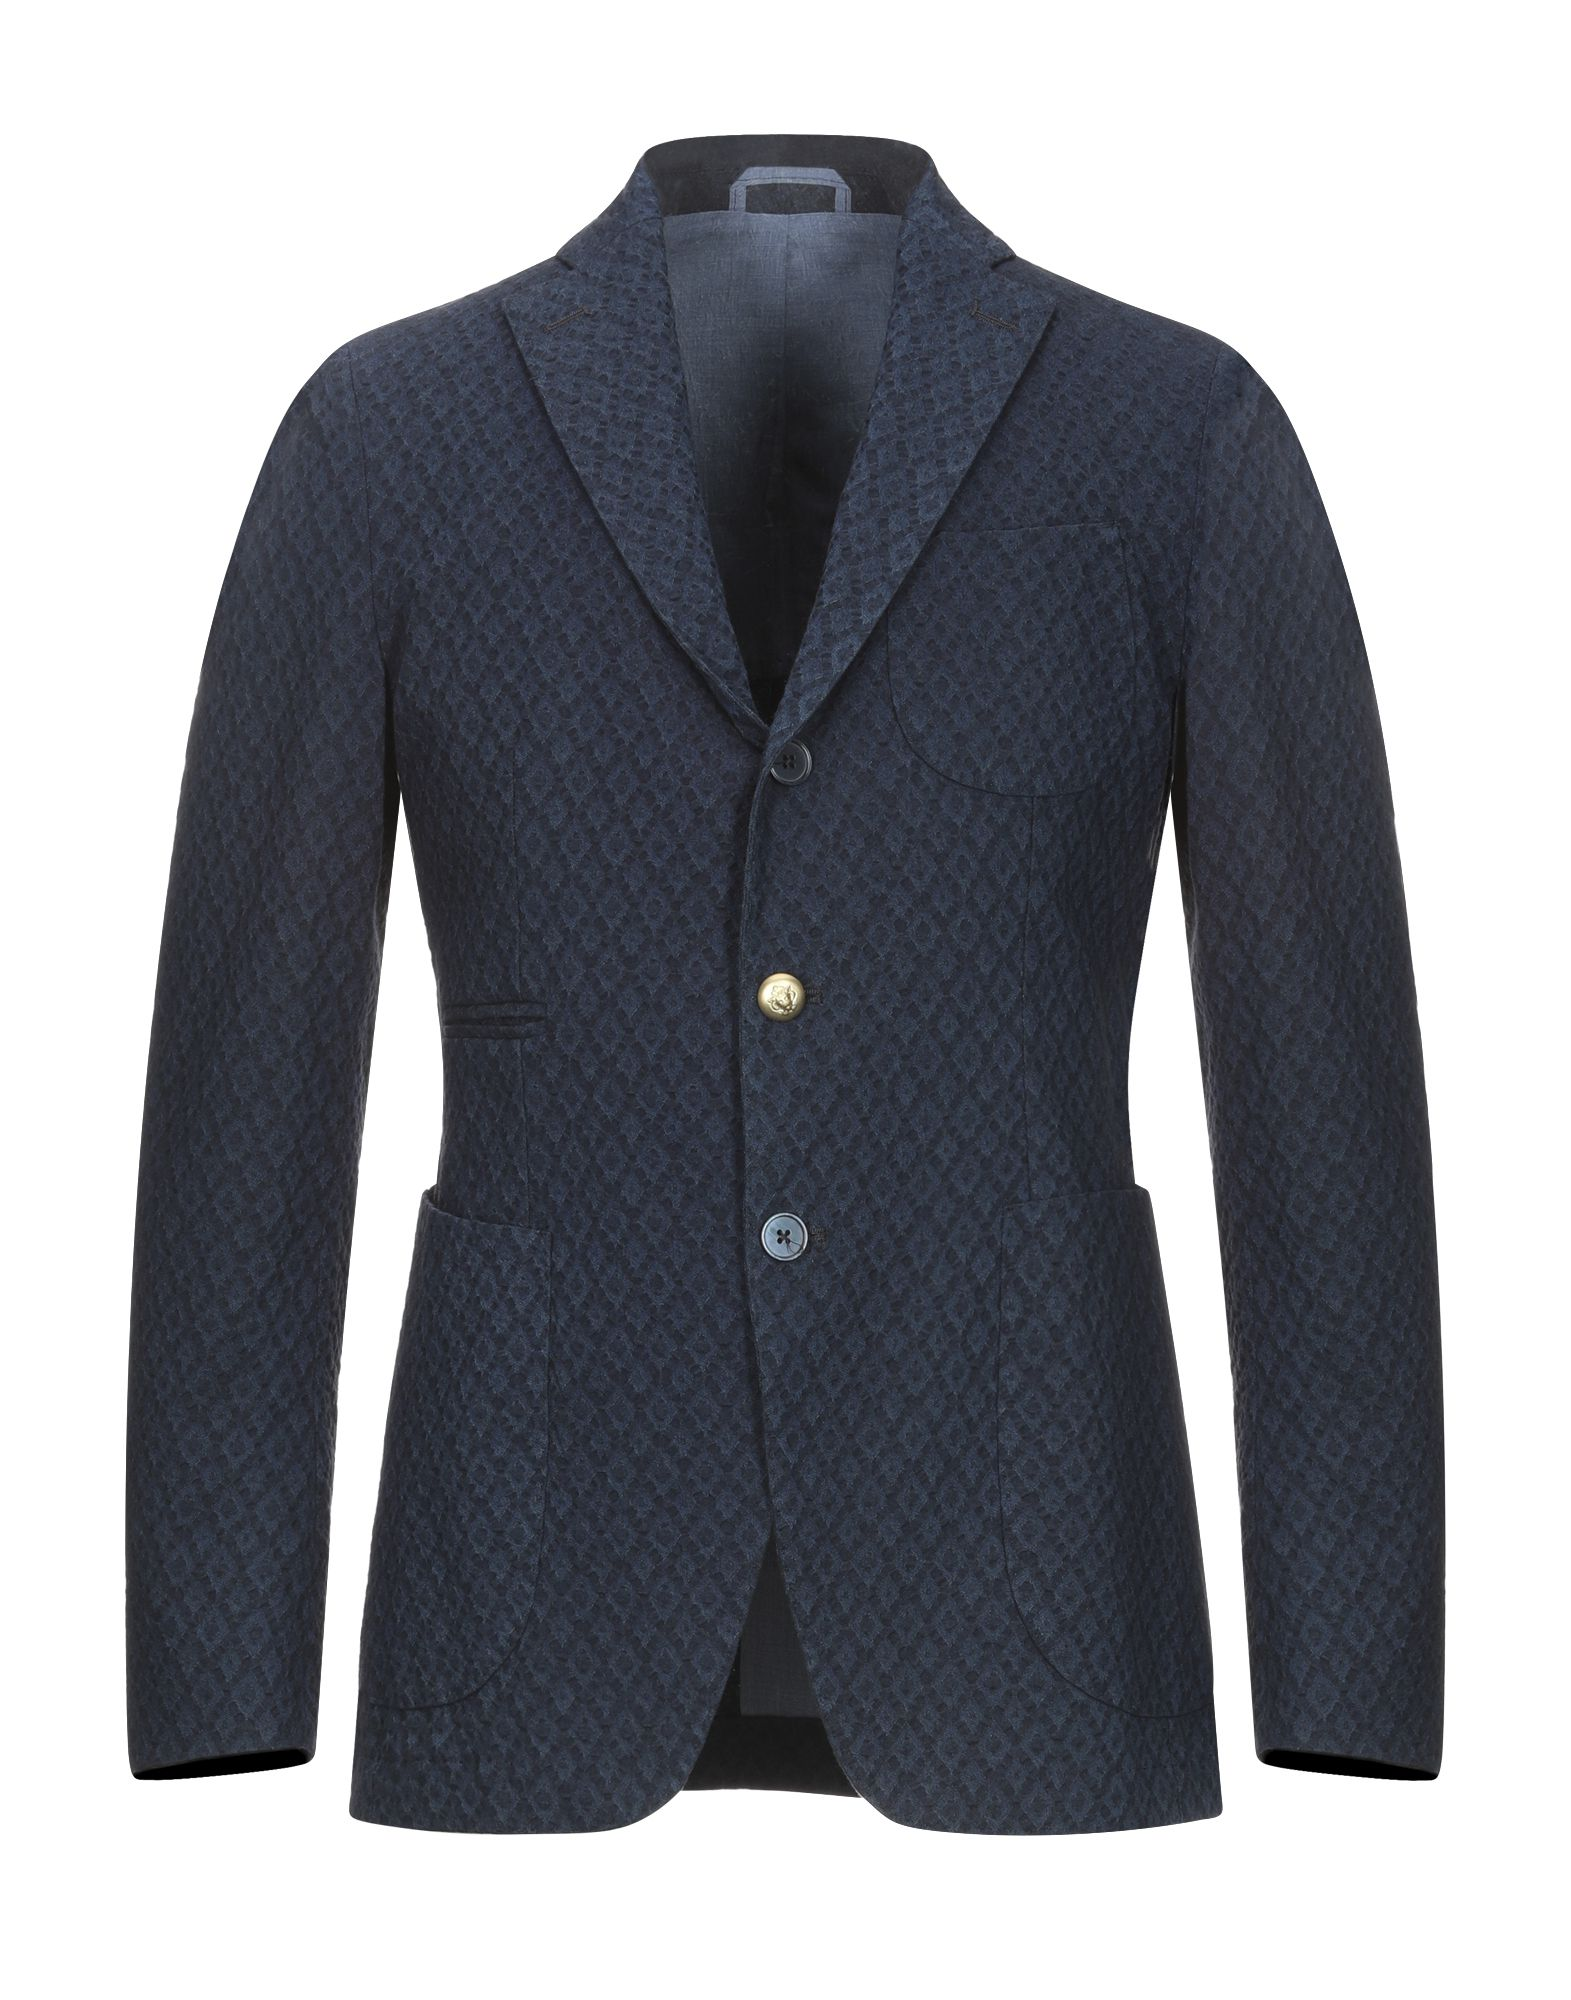 《送料無料》JOHN SHEEP メンズ テーラードジャケット ブルー 46 100% コットン